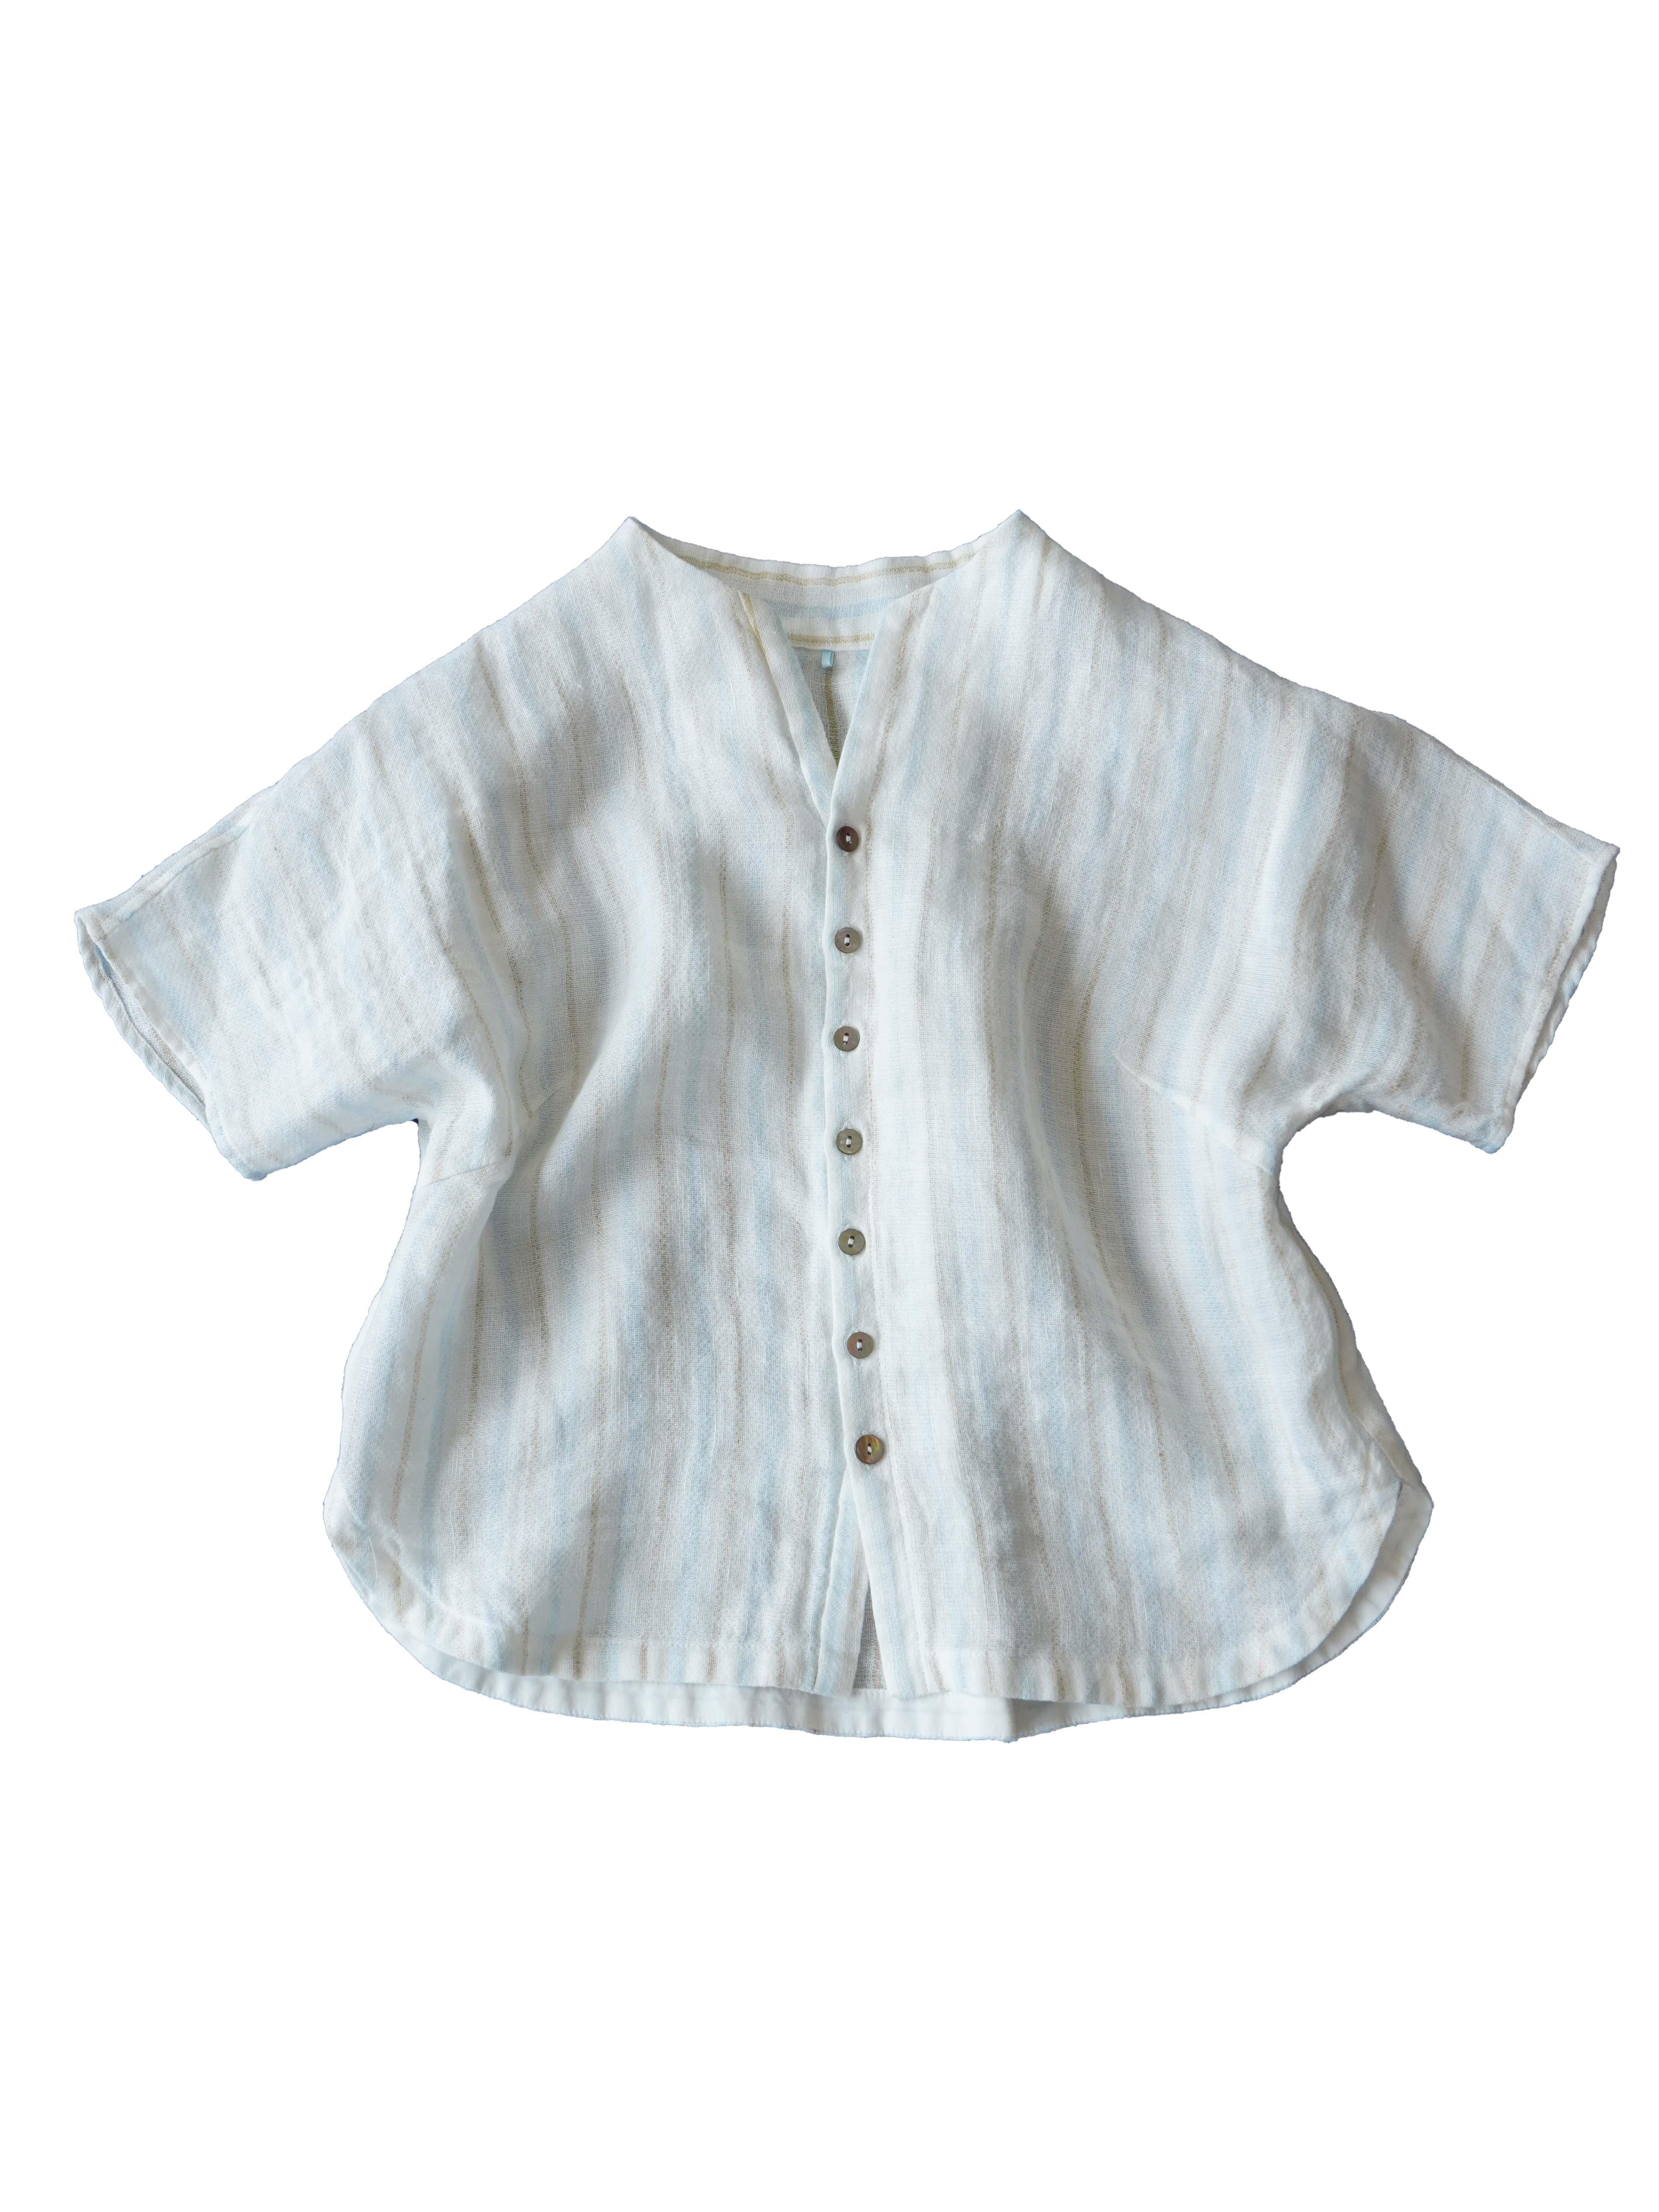 リネンコットンダブルガーゼ裏ストライプボトル衿シャツ